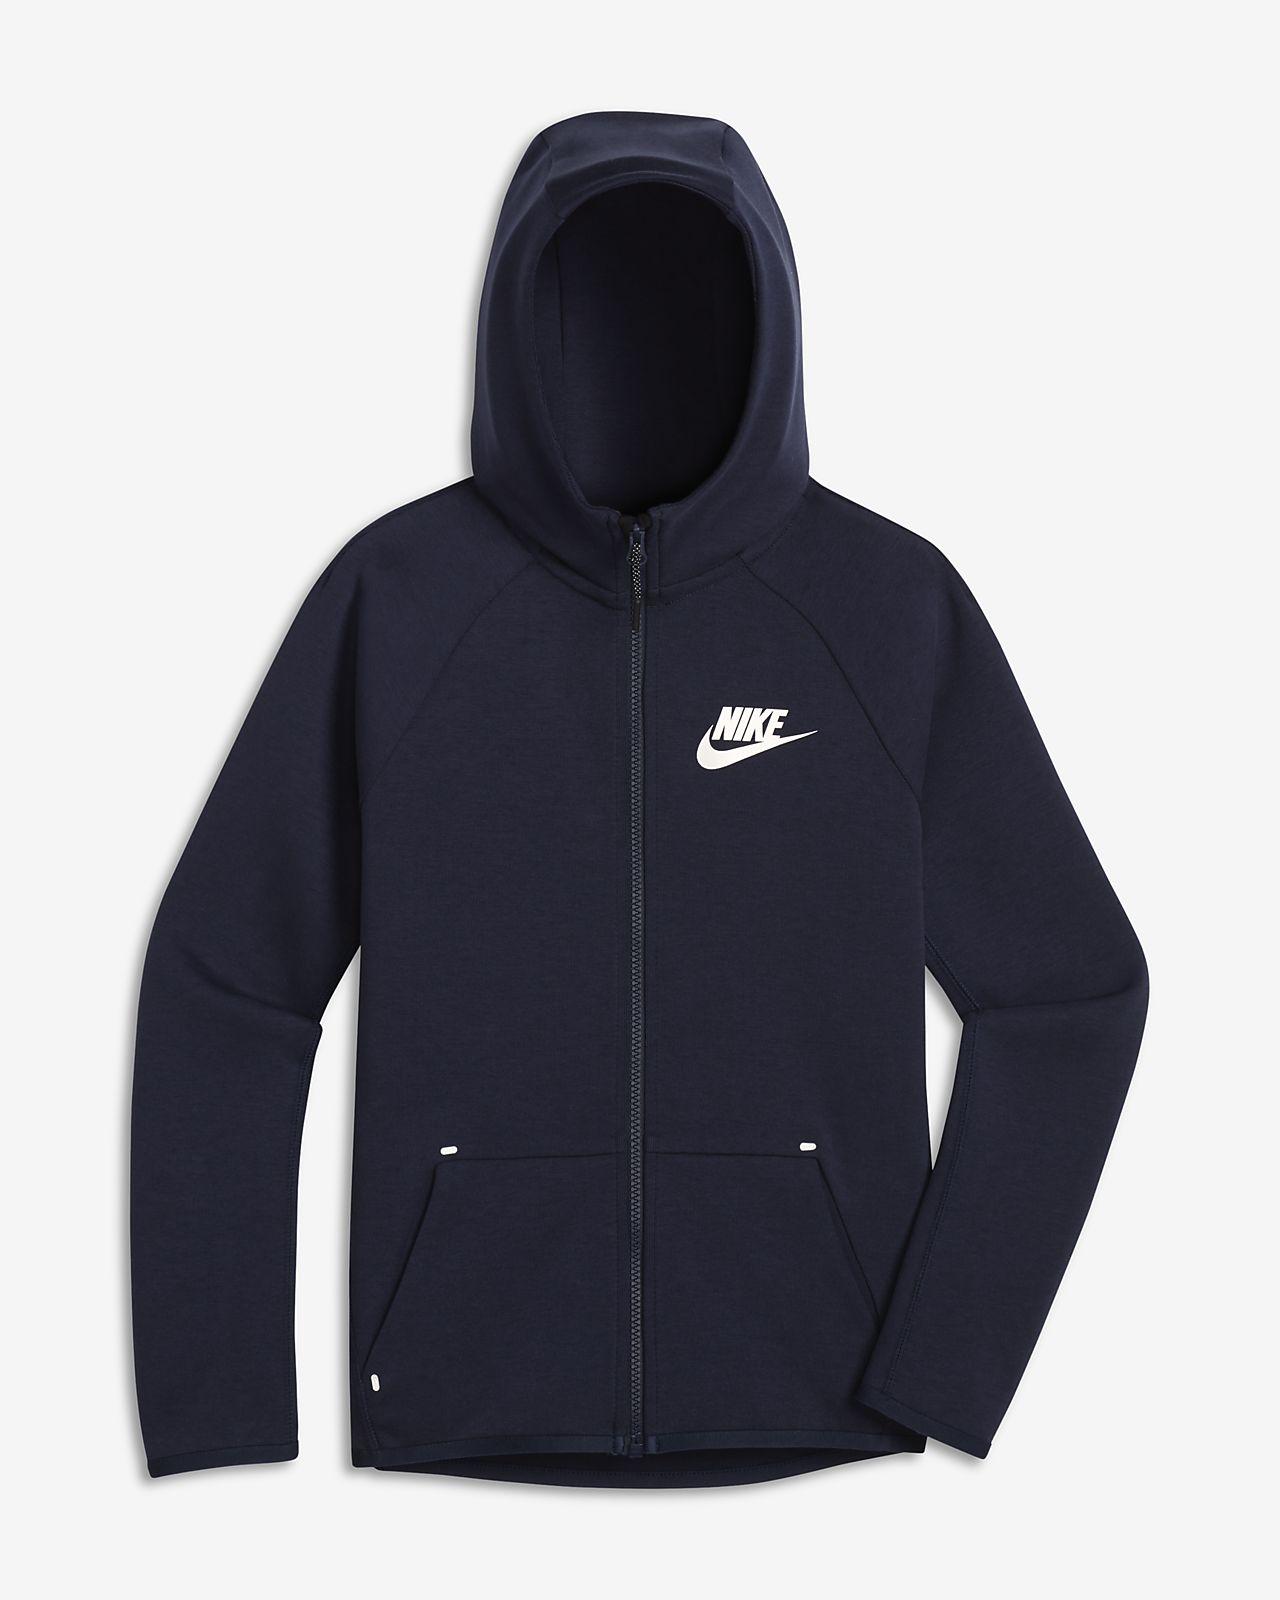 Nike Sportswear Tech Fleece Big Kids' Full-Zip Jacket